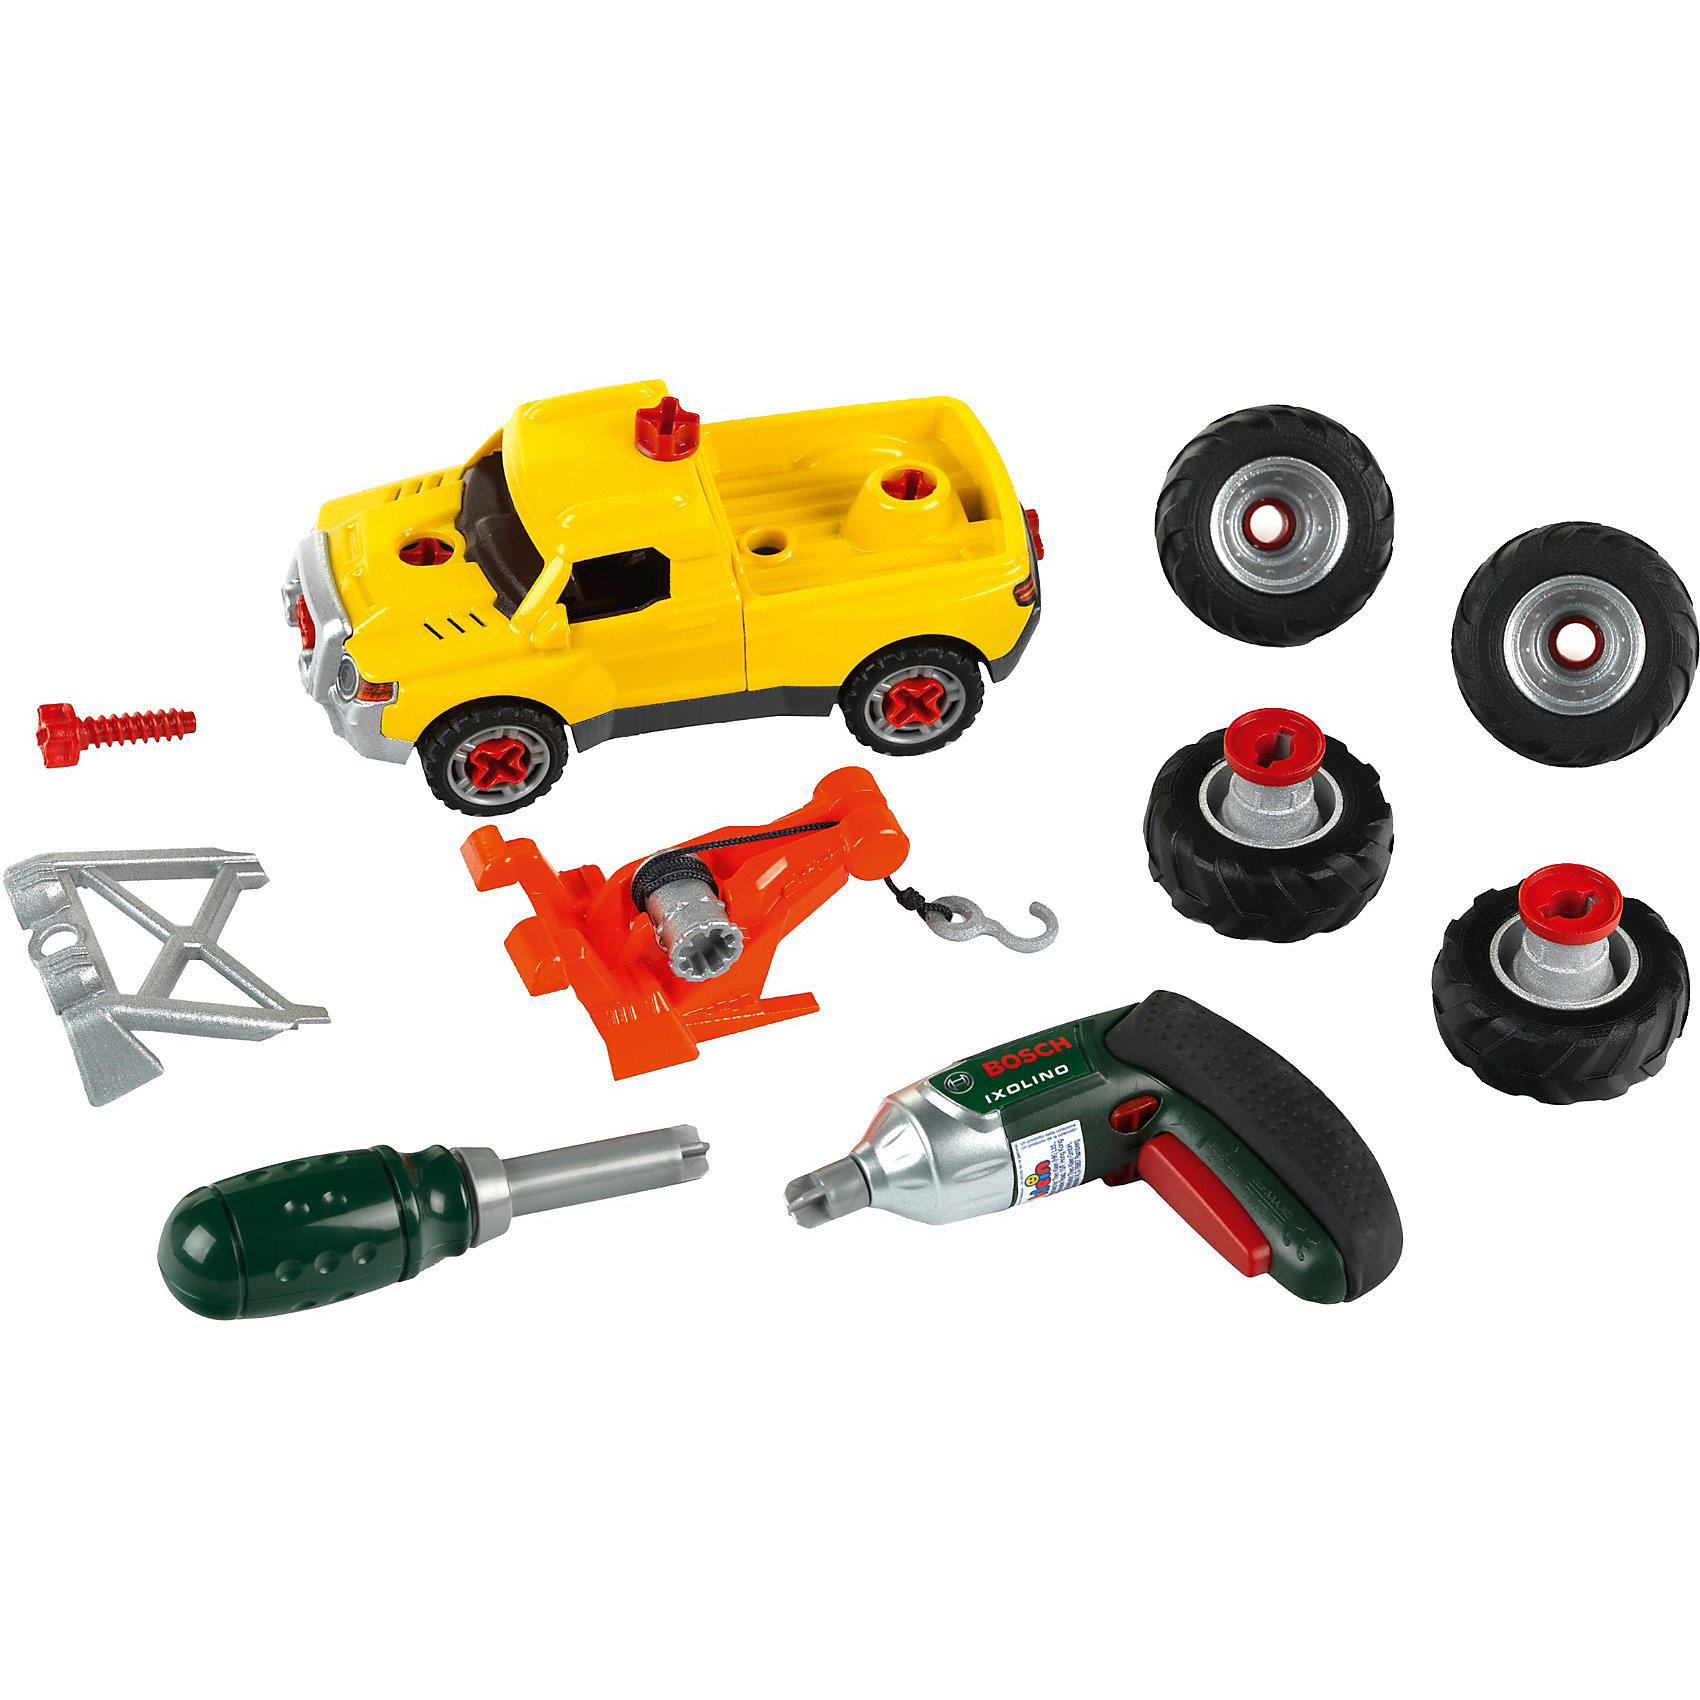 Игровой набор Собери машинку 3 в 1, KleinИгровой набор Собери машинку 3 в 1, Klein (Кляйн) доставит удовольствие каждому юному автолюбителю. Входящую в набор базовую машинку пикап можно трансформировать в мощный джип с большими колесами или в погрузчик, оборудованный крюком и электролебедкой с тросом. В комплекте Вы найдете все необходимые детали и инструменты для тюнинга: шуруповерт, отвертку, дополнительные колеса и аксессуары. Игрушка развивает мелкую моторику рук, навыки конструирования, целеустремленность, внимание, логическое мышление и воображение.<br><br>Дополнительная информация:<br><br>- В комплекте: разборная машинка, детали для тюнинга, 4 сменных колеса, отвертка, шуруповерт с крутящейся насадкой.<br>- Требуются батарейки для шуруповерта: 2 х AAA (в комплект не входят).<br>- Материал: пластик.<br>- Размер упаковки: 40 x 32 x 8  см. <br>- Вес: 0,6 кг.<br><br>Игровой набор Собери машинку 3 в 1, Klein, можно купить в нашем интернет-магазине.<br><br>Ширина мм: 398<br>Глубина мм: 319<br>Высота мм: 86<br>Вес г: 990<br>Возраст от месяцев: 36<br>Возраст до месяцев: 96<br>Пол: Мужской<br>Возраст: Детский<br>SKU: 3604191